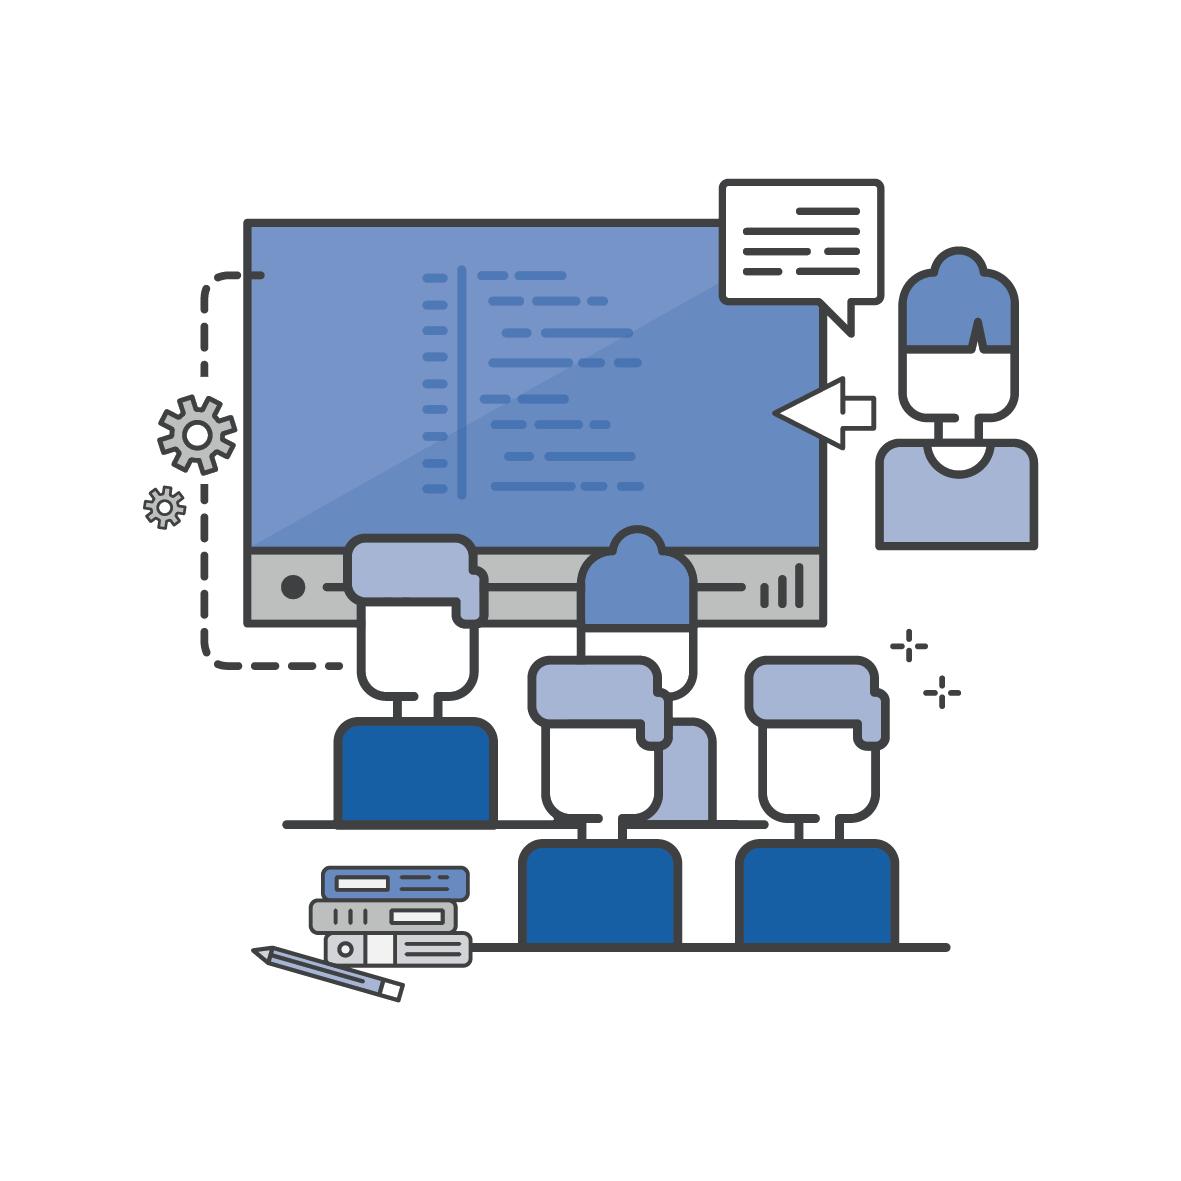 SMART Boards interaktive Collaboration Toolsfür Bildungseinrichtungen und Unternehmen